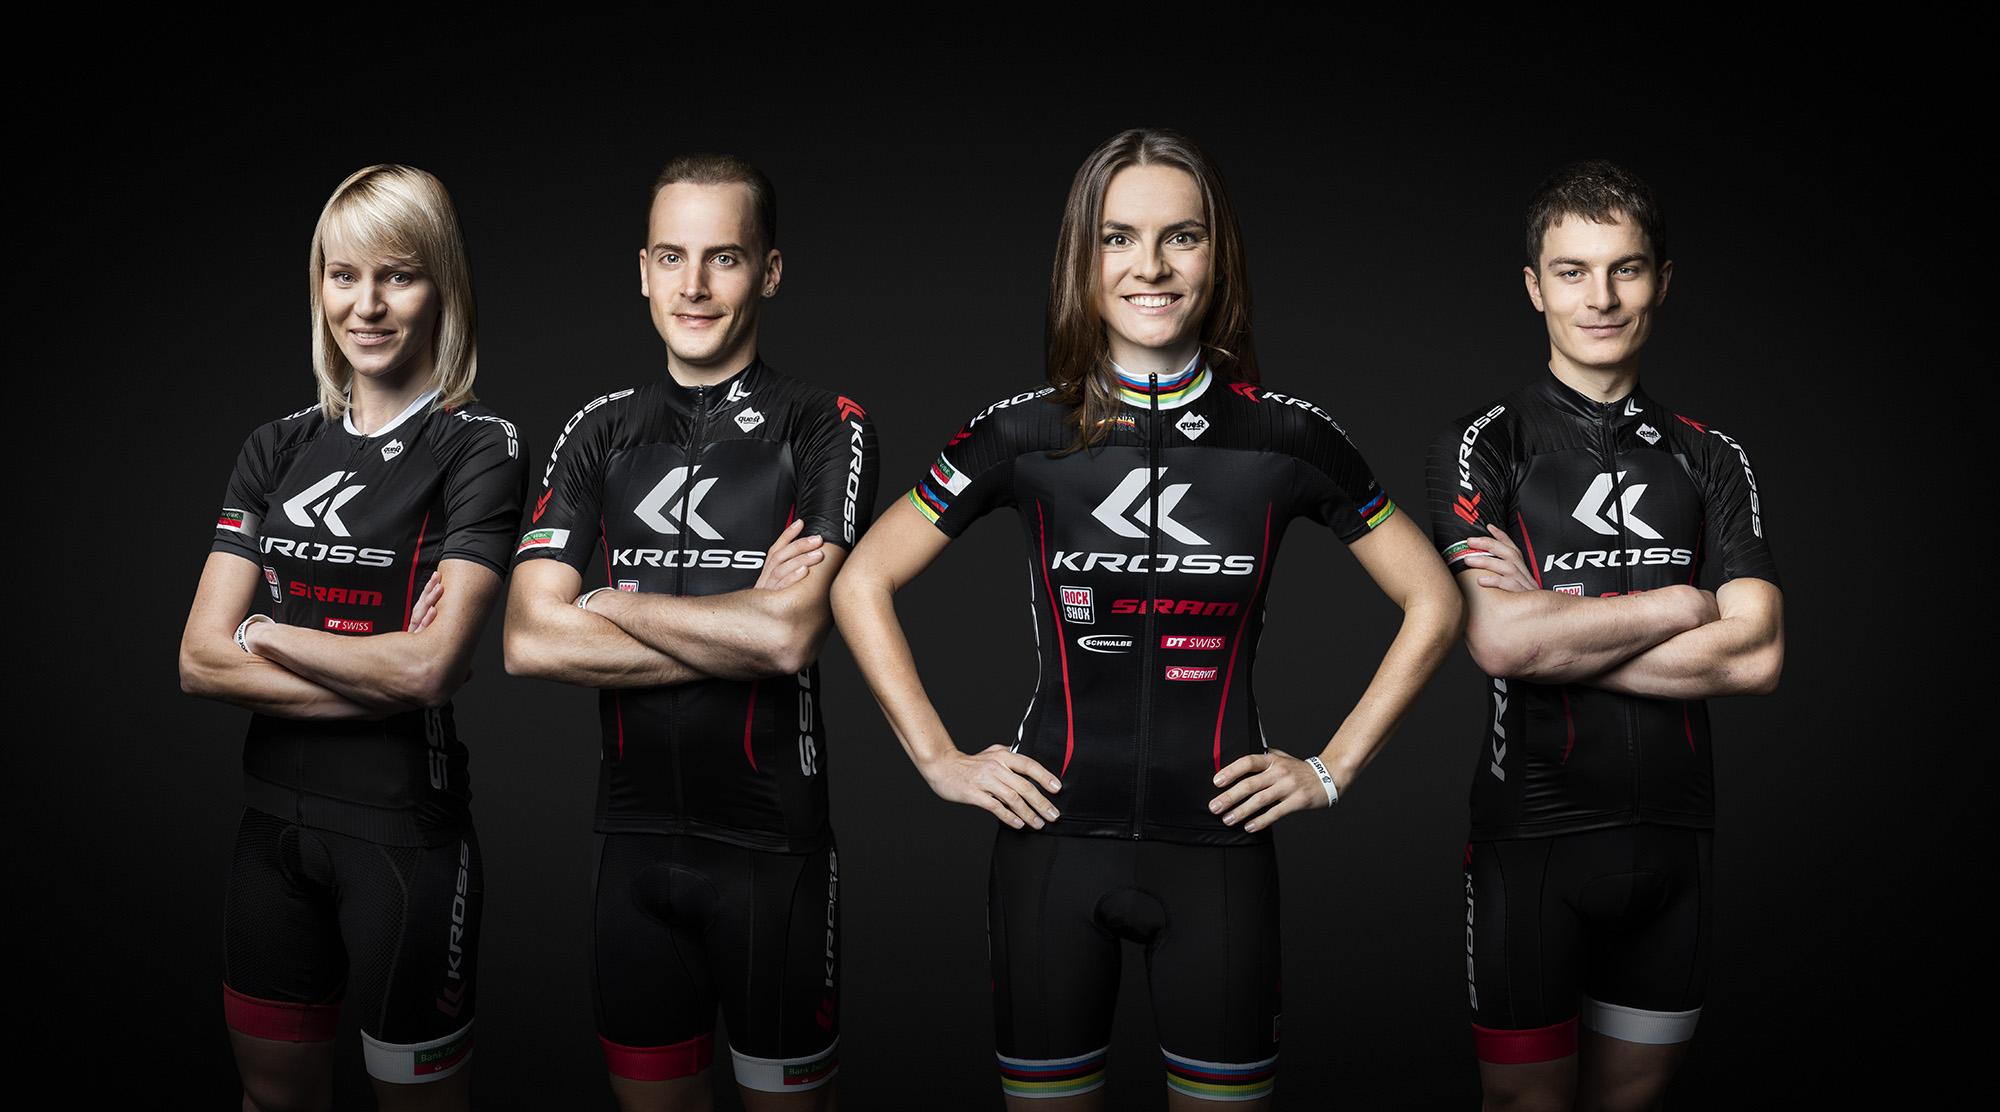 Kross Racing Team is now multinational | Kross